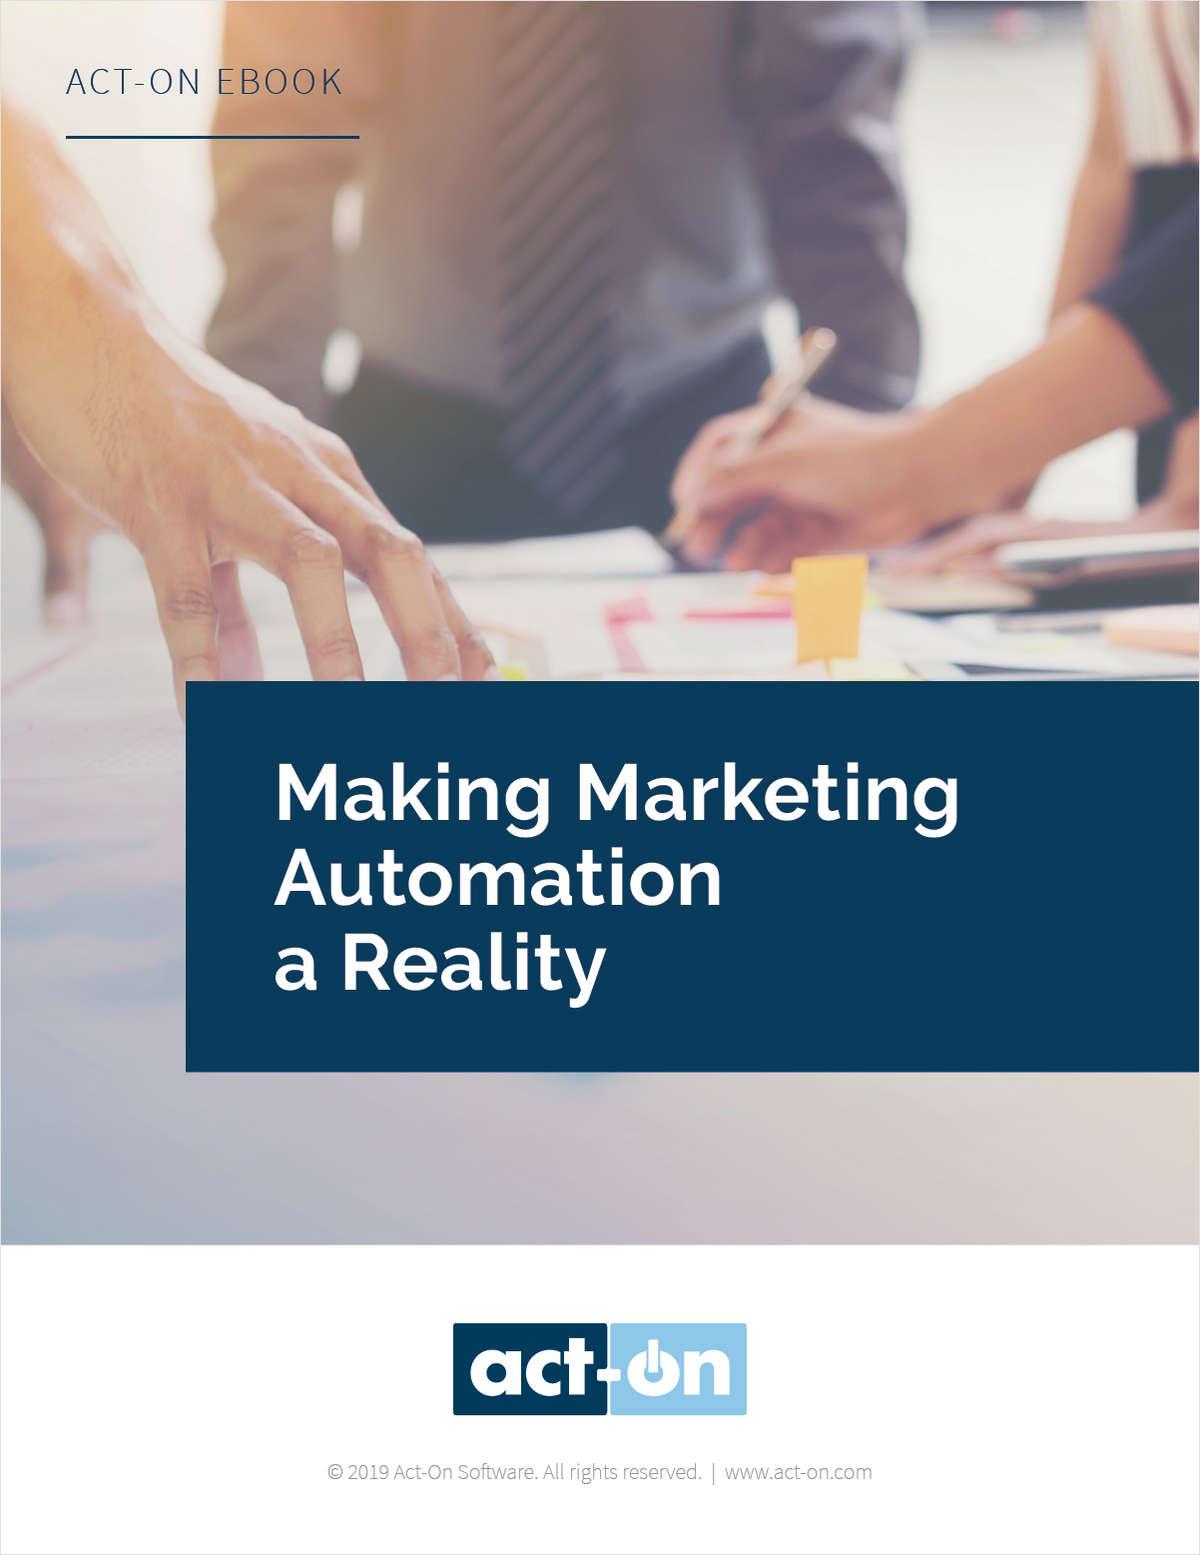 Making Marketing Automation a Reality